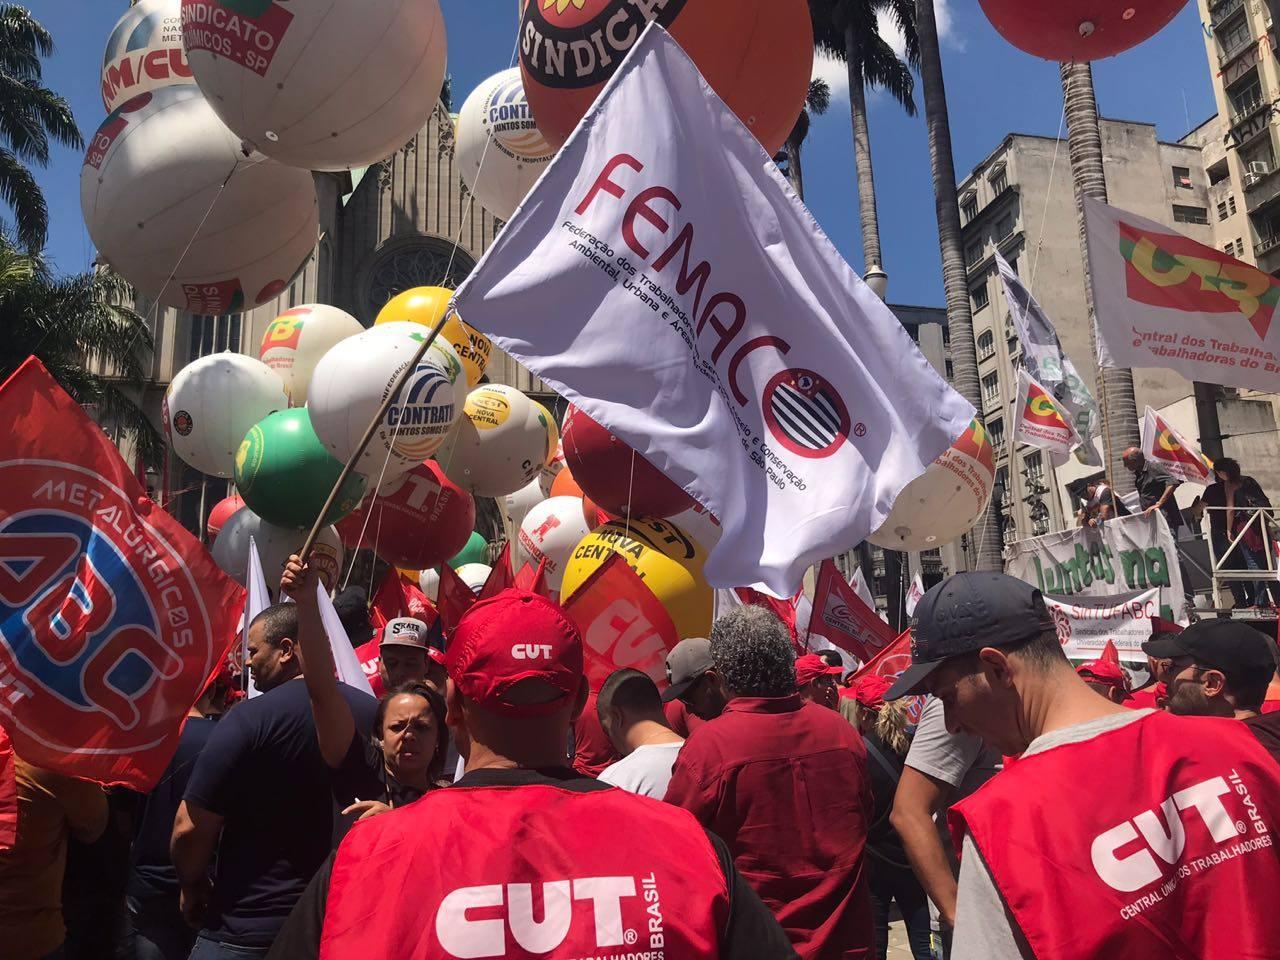 Siemaco ABC marca presença em manifestação contra a Reforma Trabalhista em São Paulo